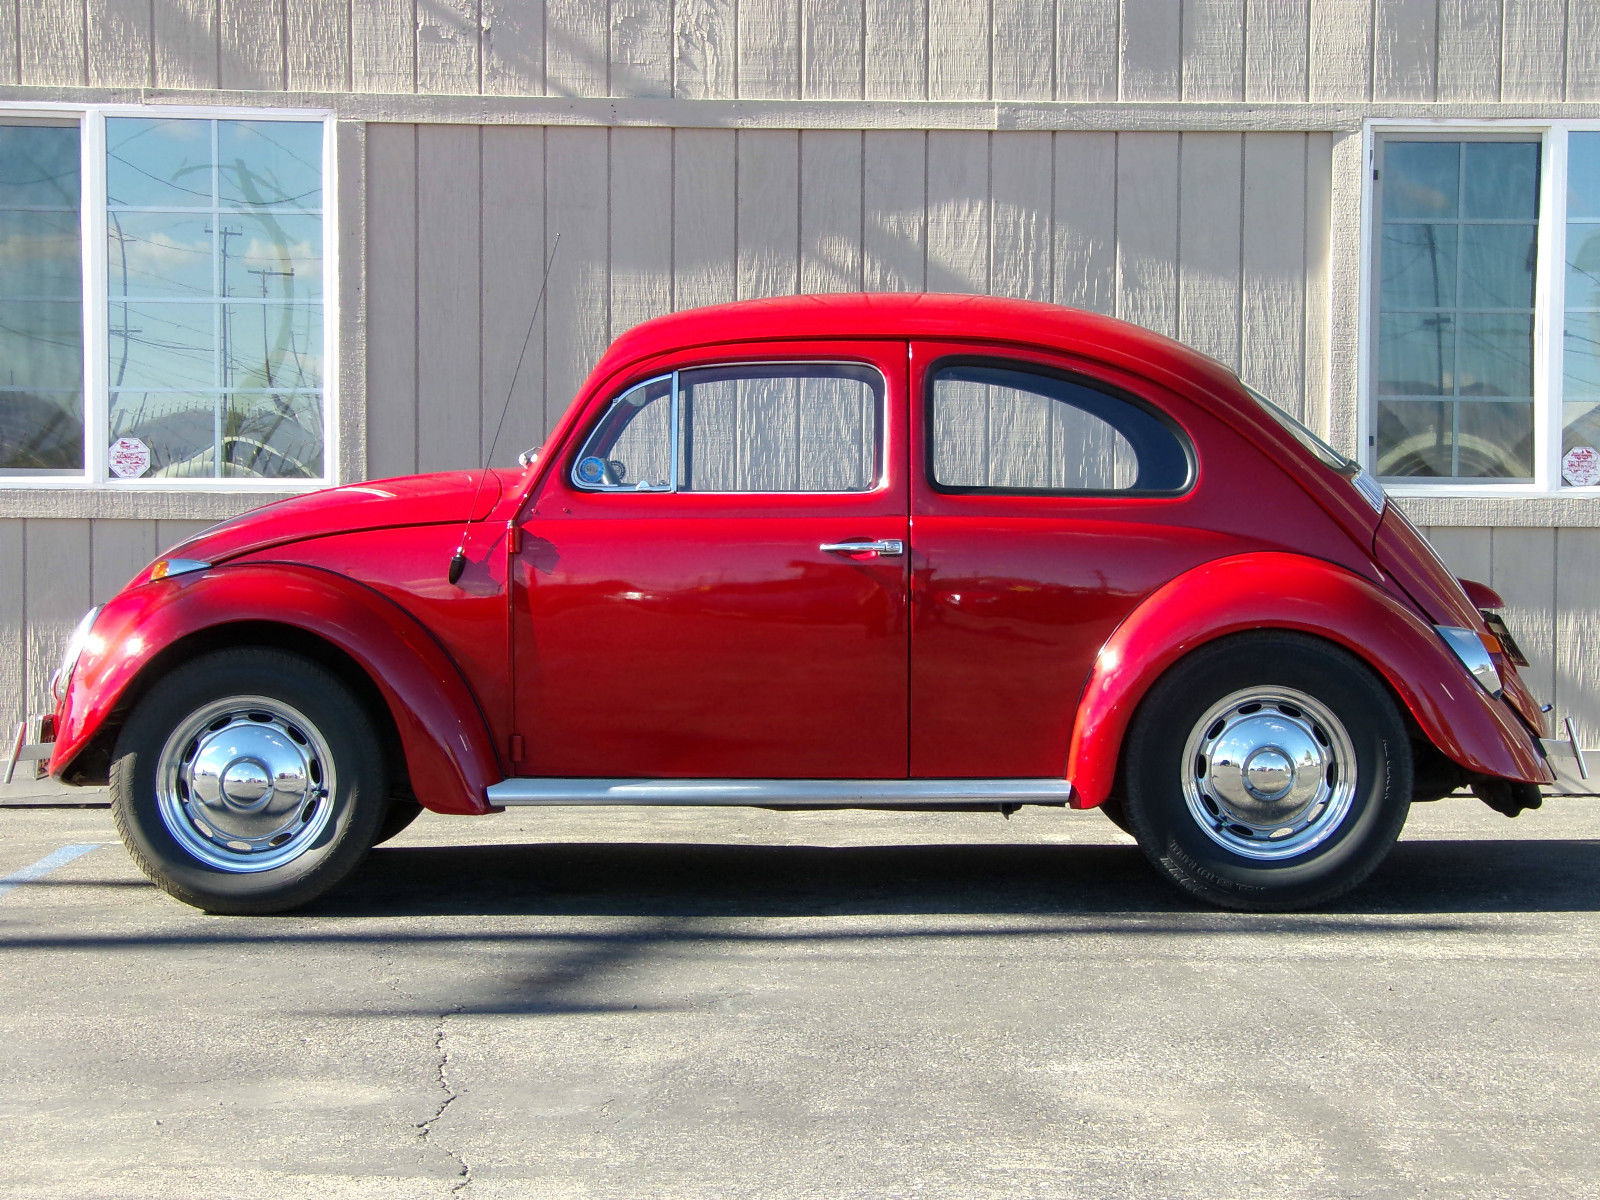 Volkswagen Garden Grove >> 1962 VW Beetle Classic Red - Classic Volkswagen Beetle - Classic 1962 for sale